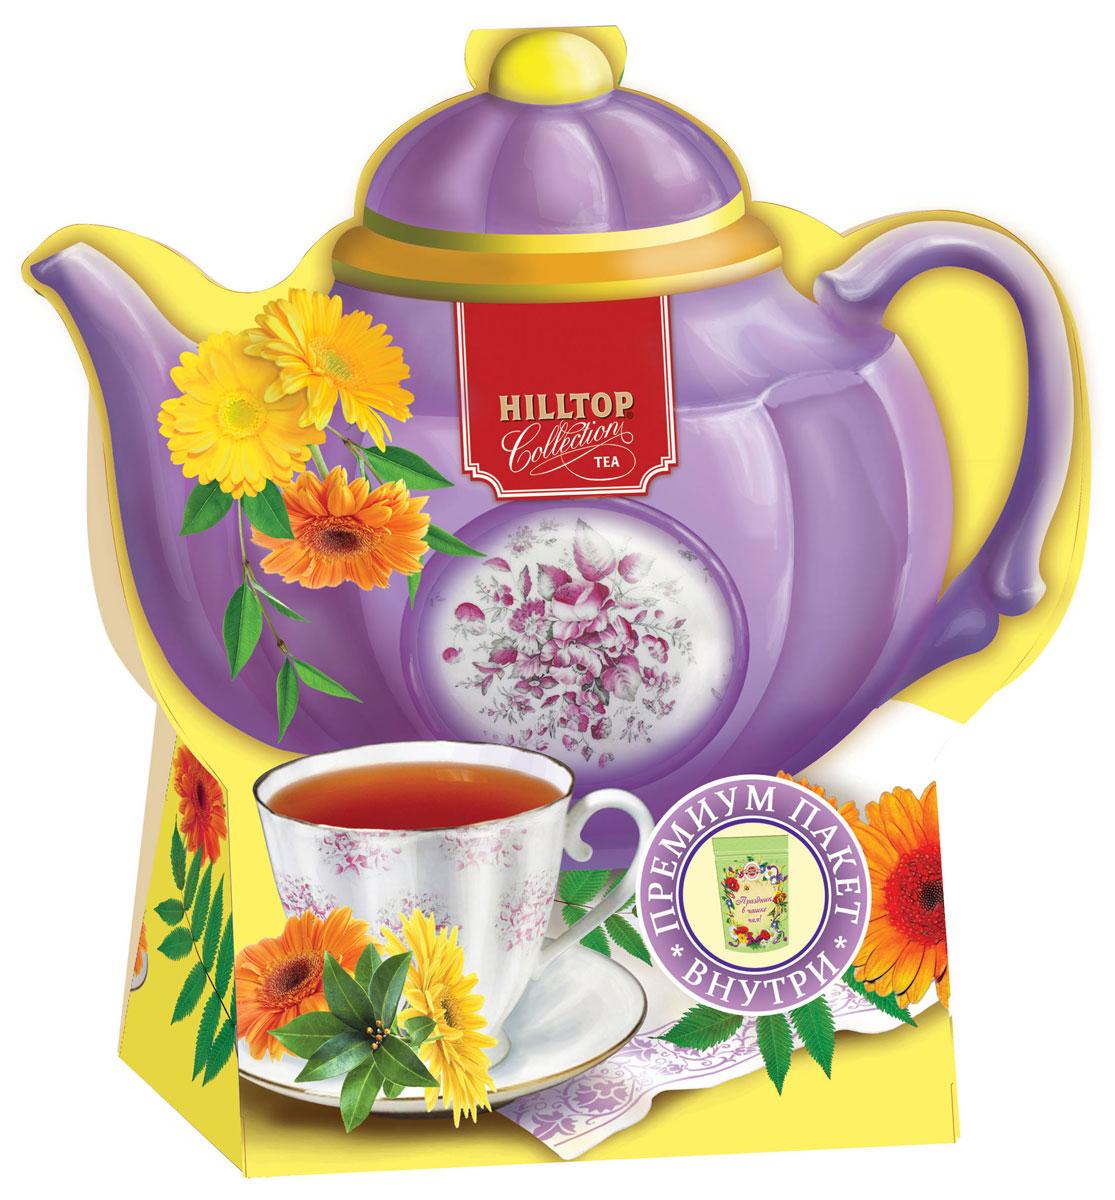 Hilltop Подарок Цейлона черный листовой чай, 80 г (чайник фиолетовый)4607099306721Крупнолистовой цейлонский черный чай Hilltop Подарок Цейлона с глубоким, насыщенным вкусом и изумительным ароматом. Благодаря красивой праздничной упаковке вы можете подарить этот прекрасный чай своим друзьям и близким.